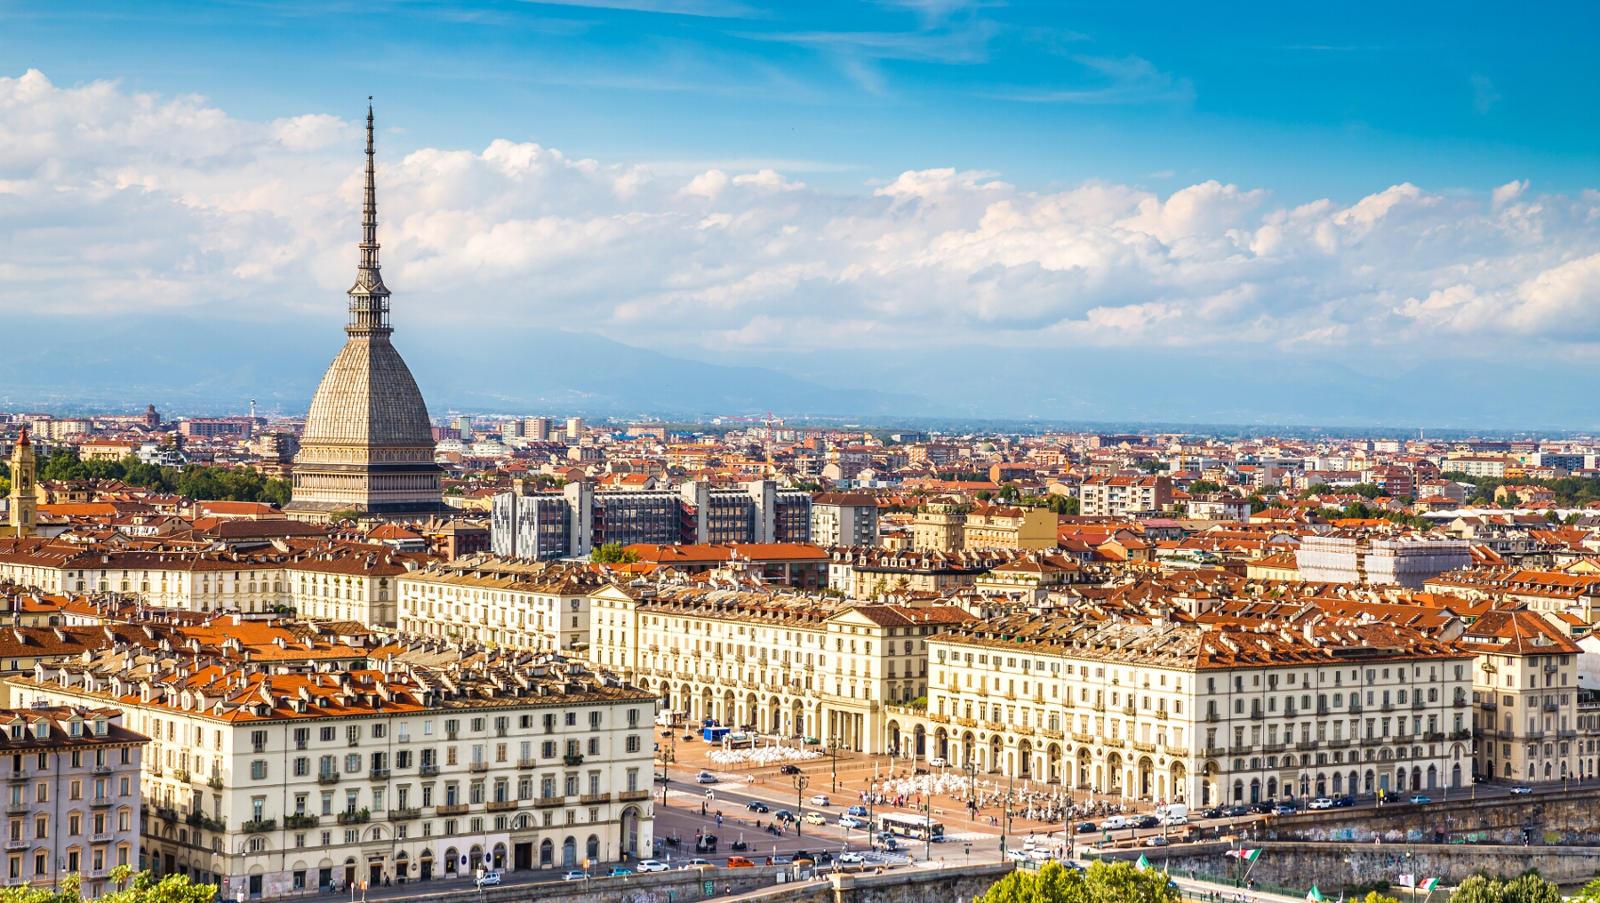 Torino quotazioni immobiliari valori immobiliari - Agenzie immobiliari a torino ...